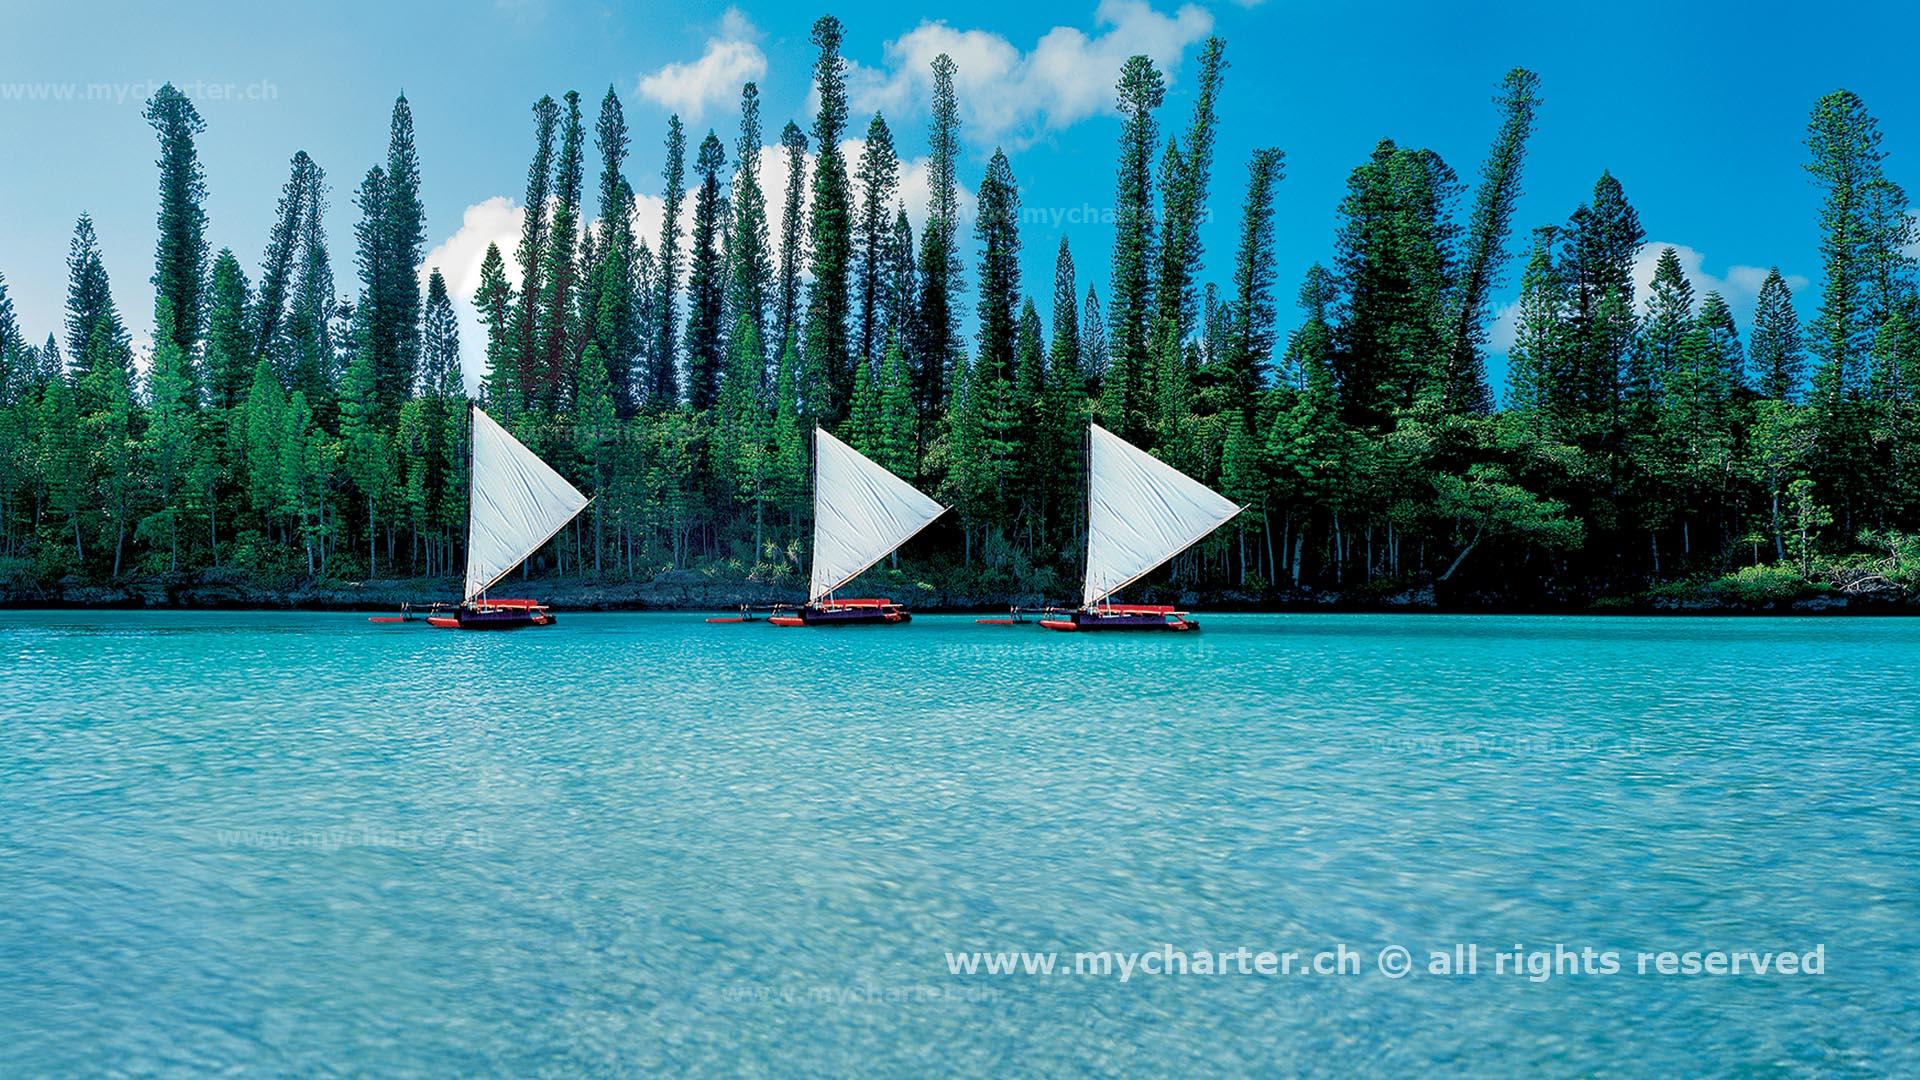 Yachtcharter Südesee - Neukaledonien - Ile des Pins